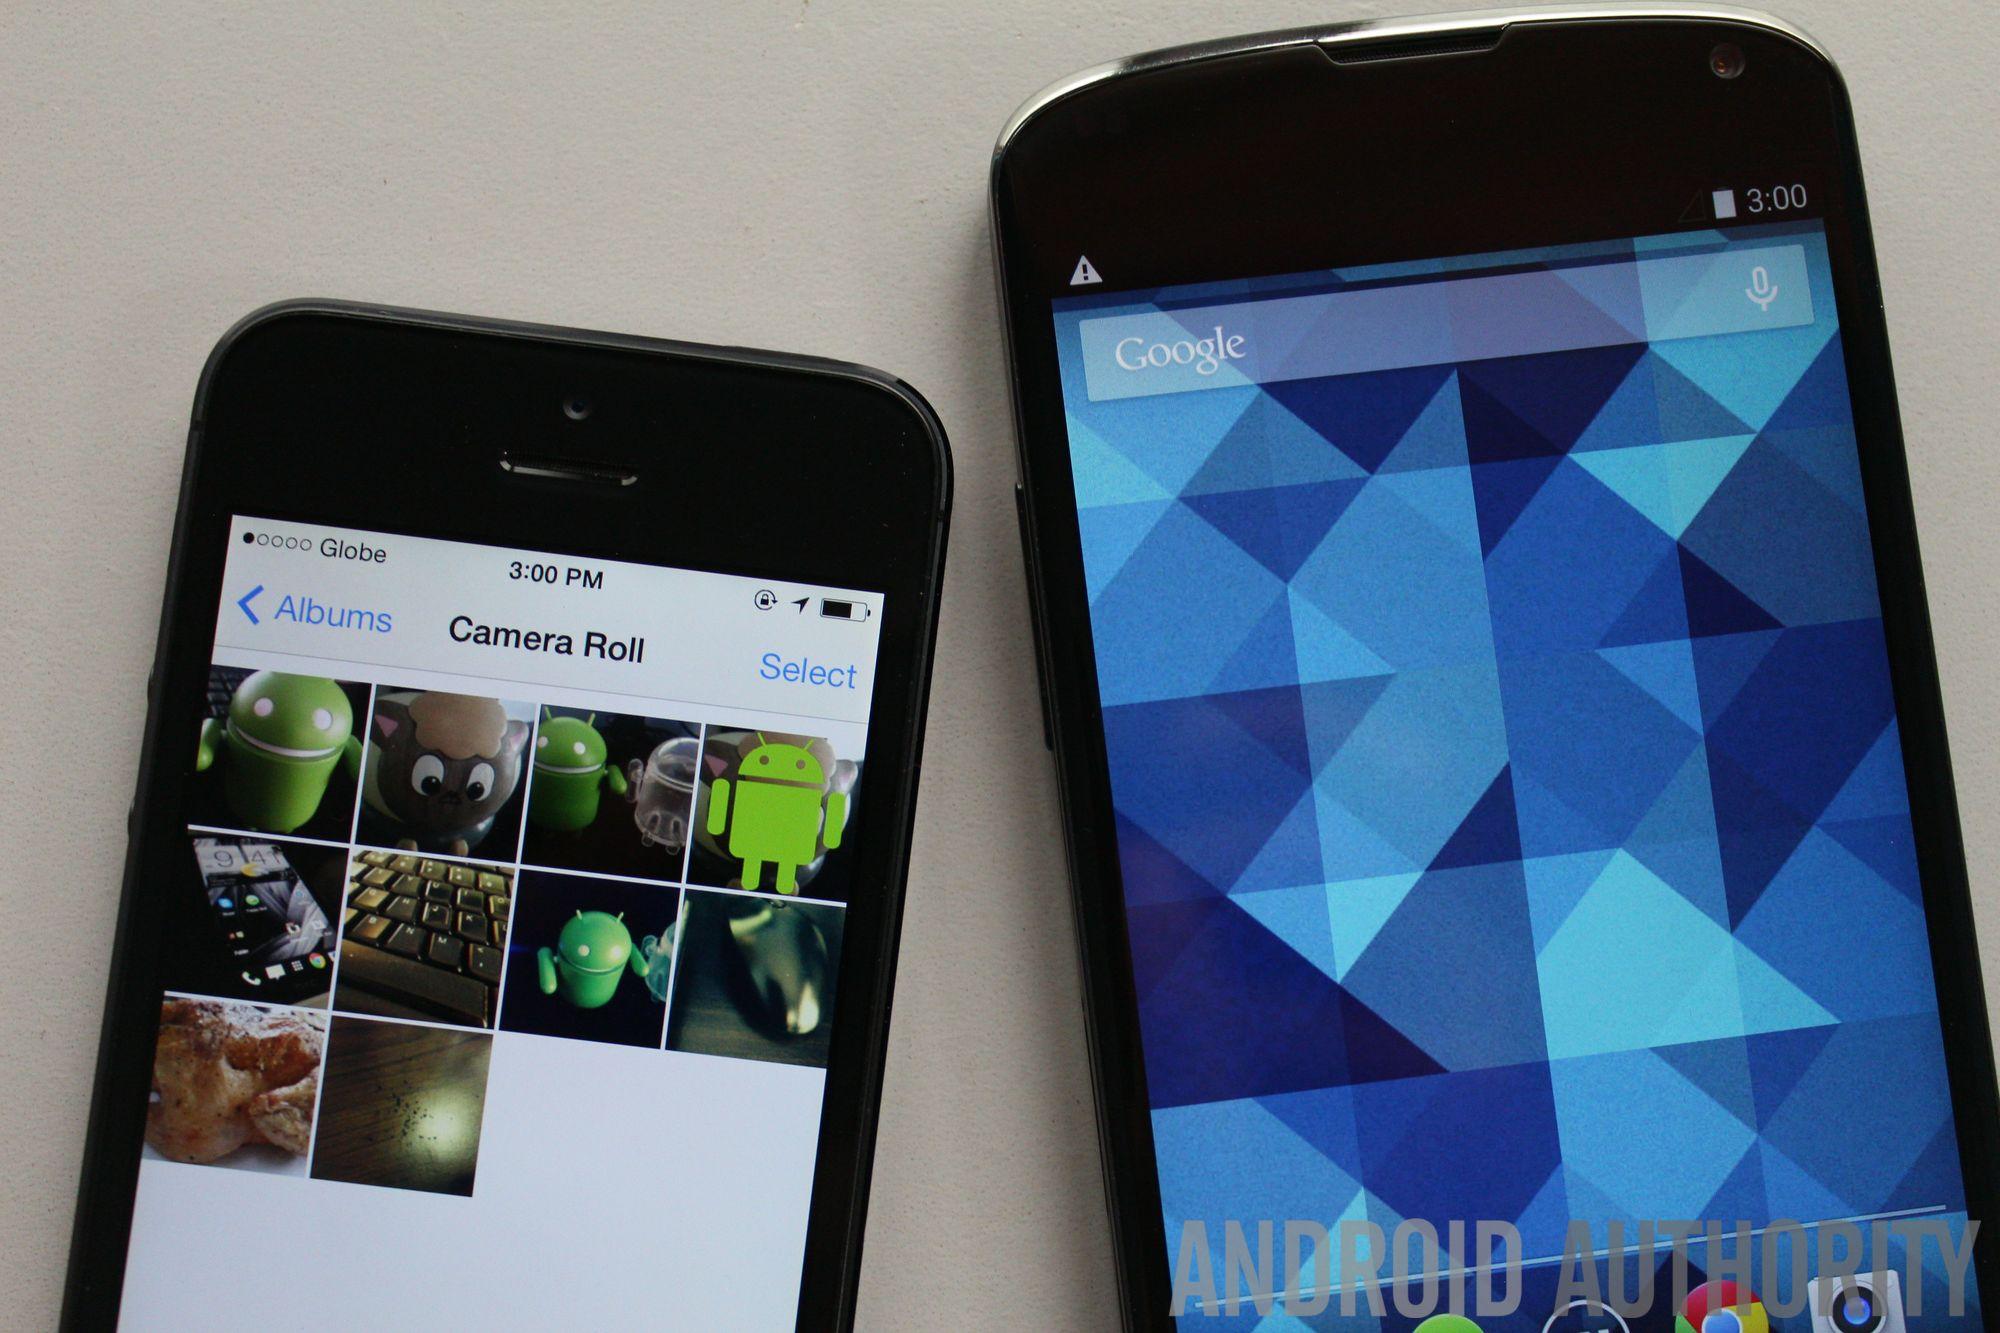 kann man daten vom iphone auf samsung übertragen